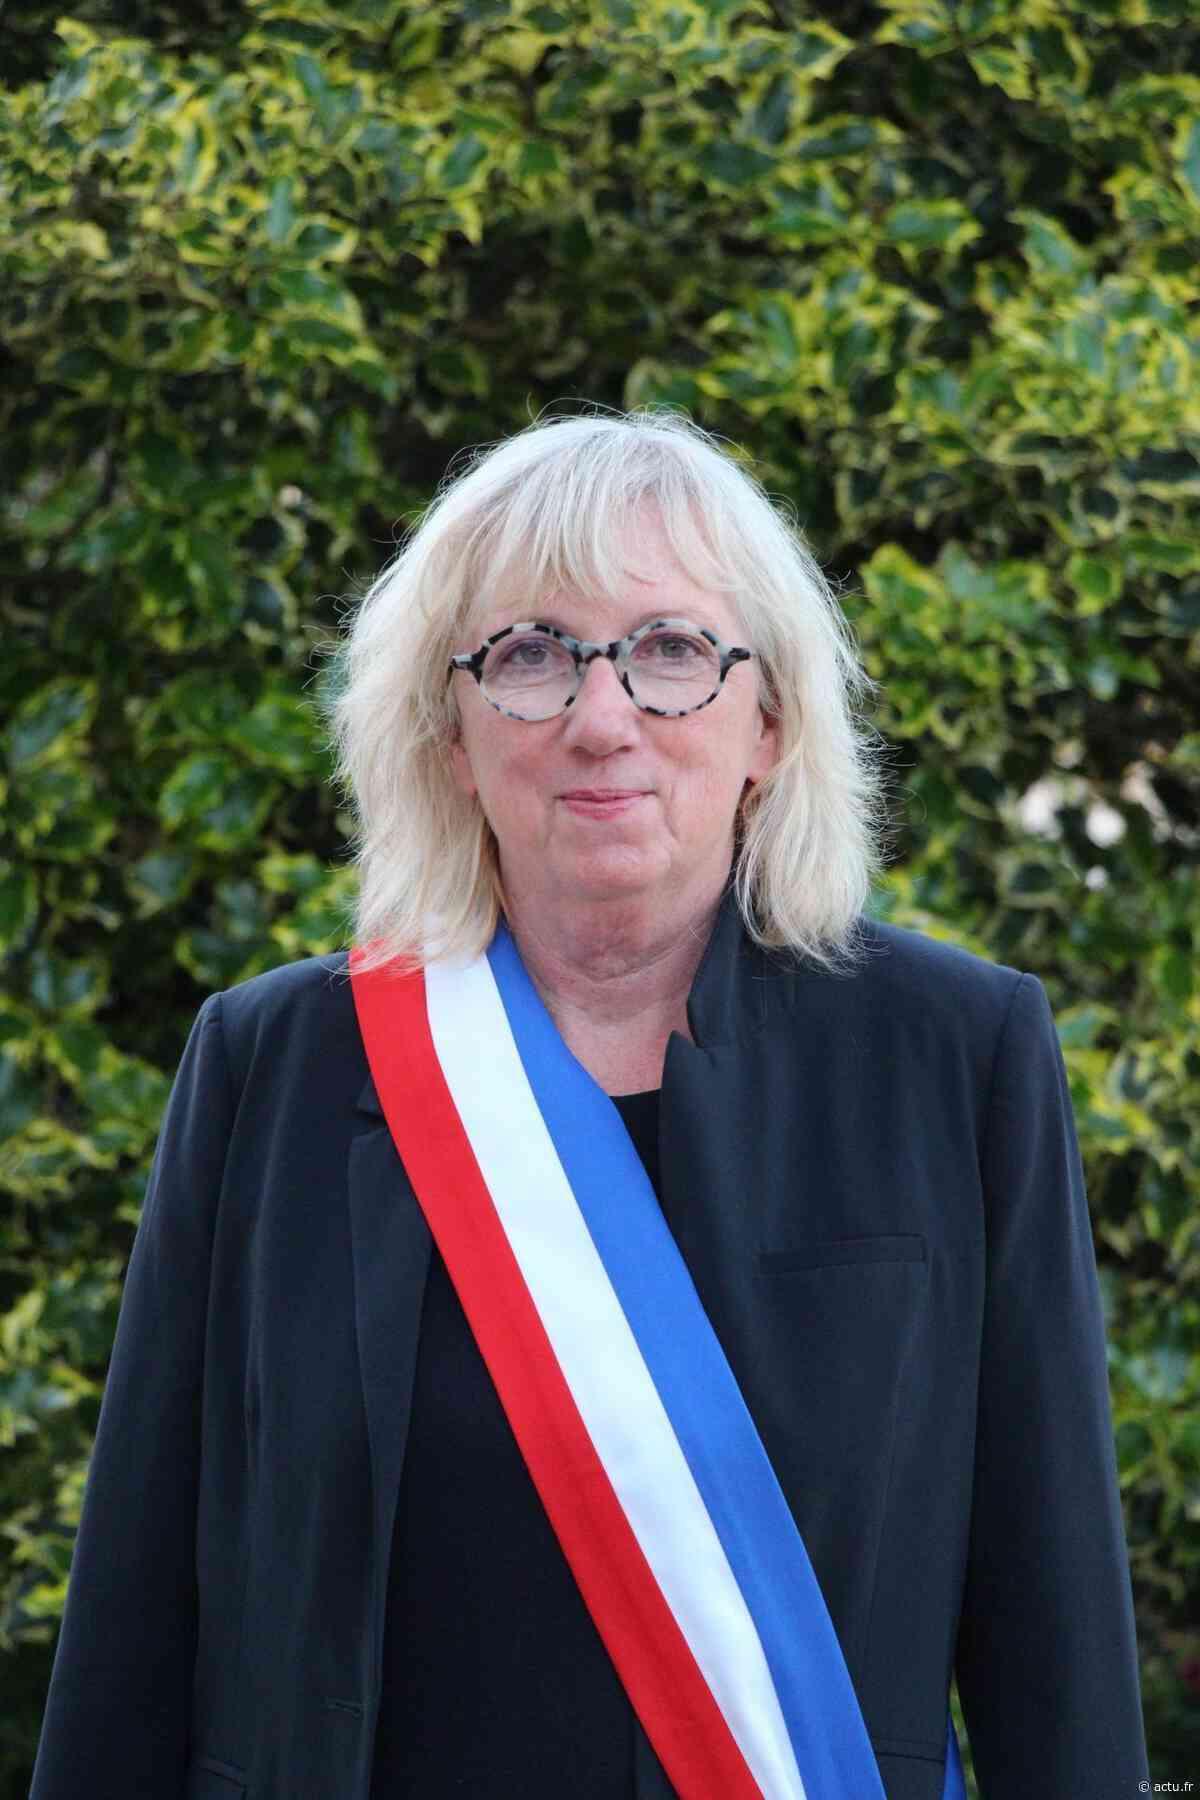 Véronique Launay, nouveau maire de Saint-Jean-de-Monts - actu.fr